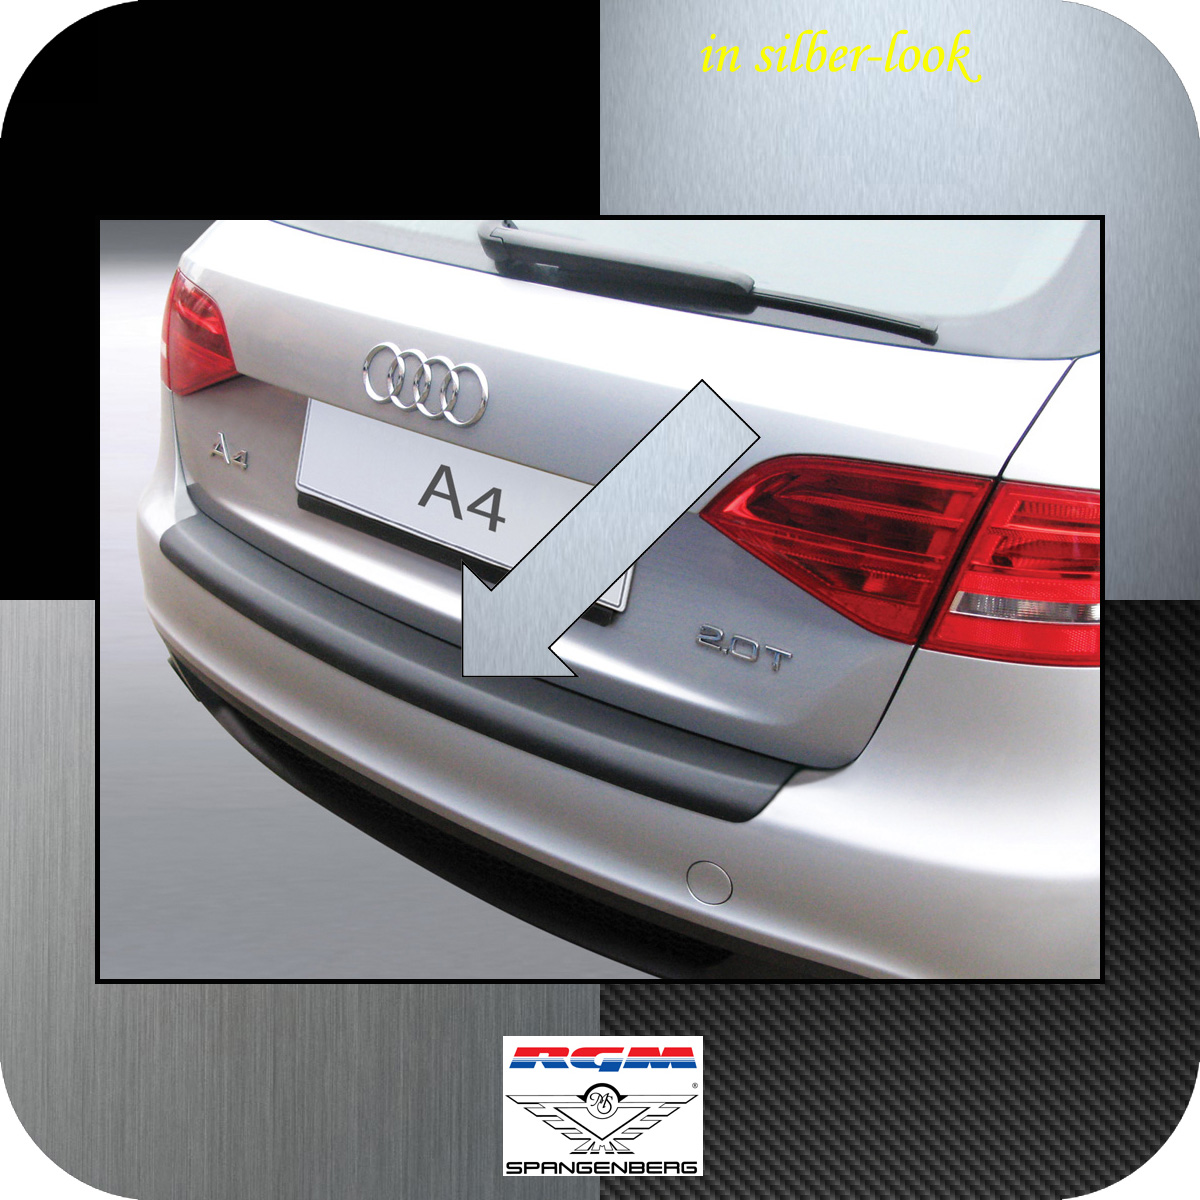 Ladekantenschutz Silber-Look Audi A4 B8 Avant Kombi vor facelift 2008-11 3506159